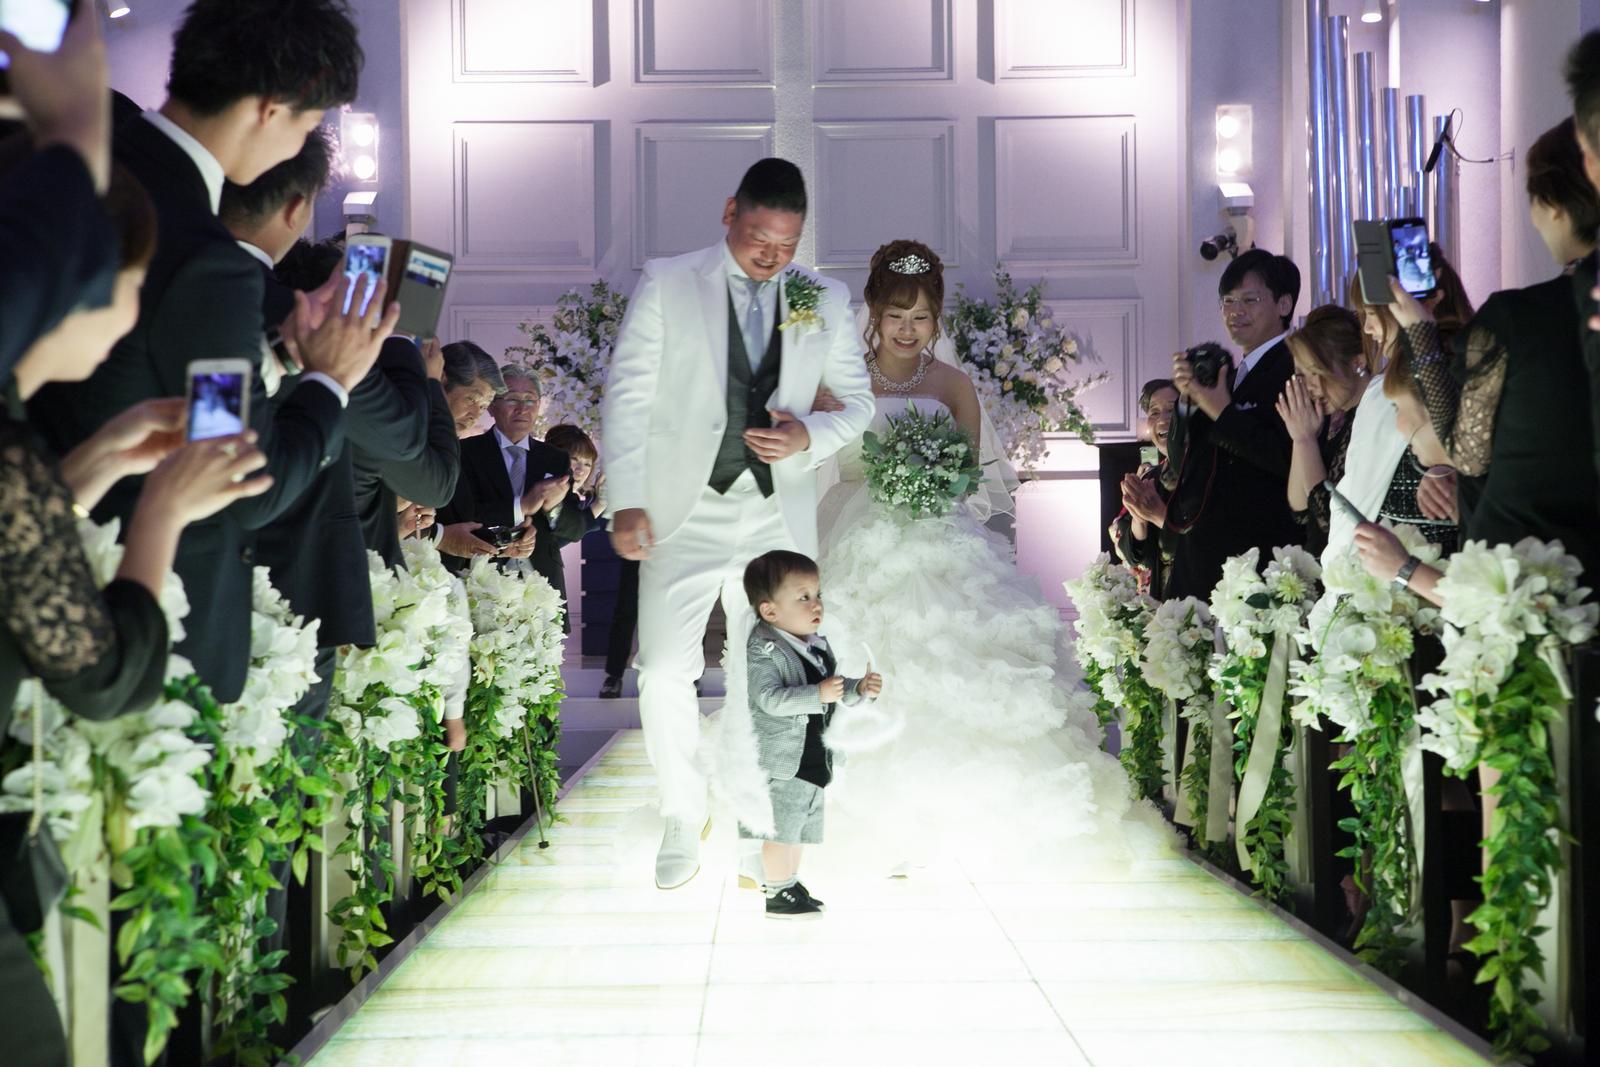 香川の結婚式場シェルエメール&アイスタイル 挙式退場